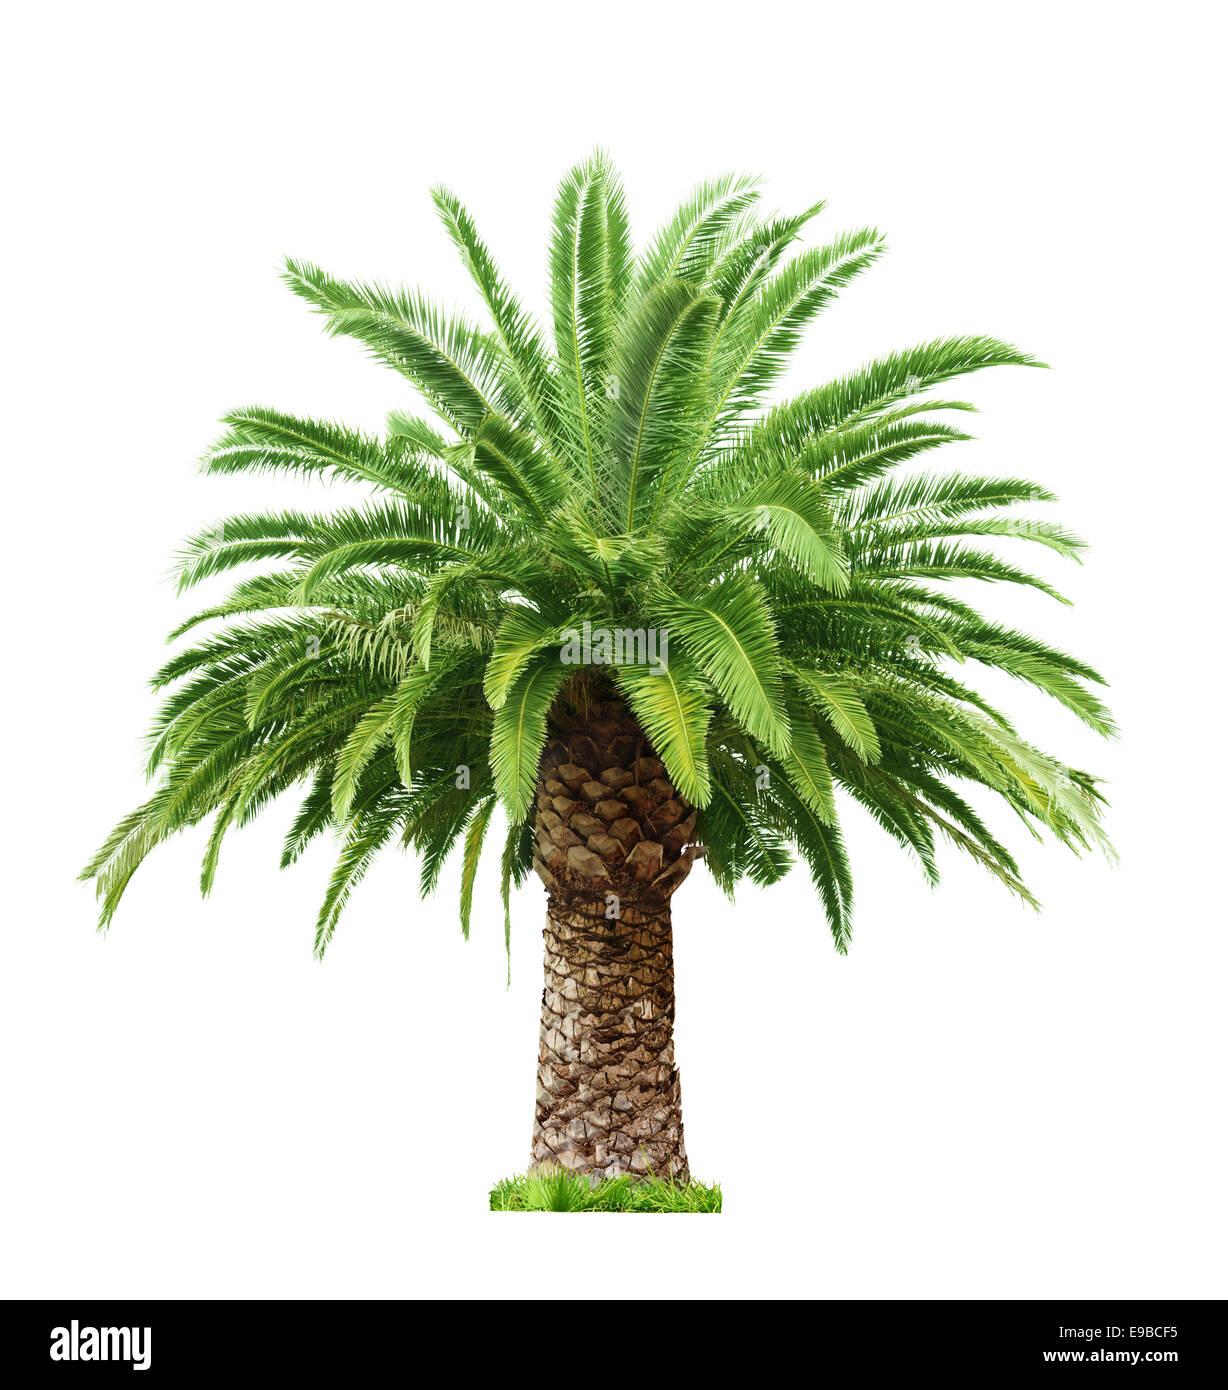 Bella verde Palm tree isolati su sfondo bianco Immagini Stock